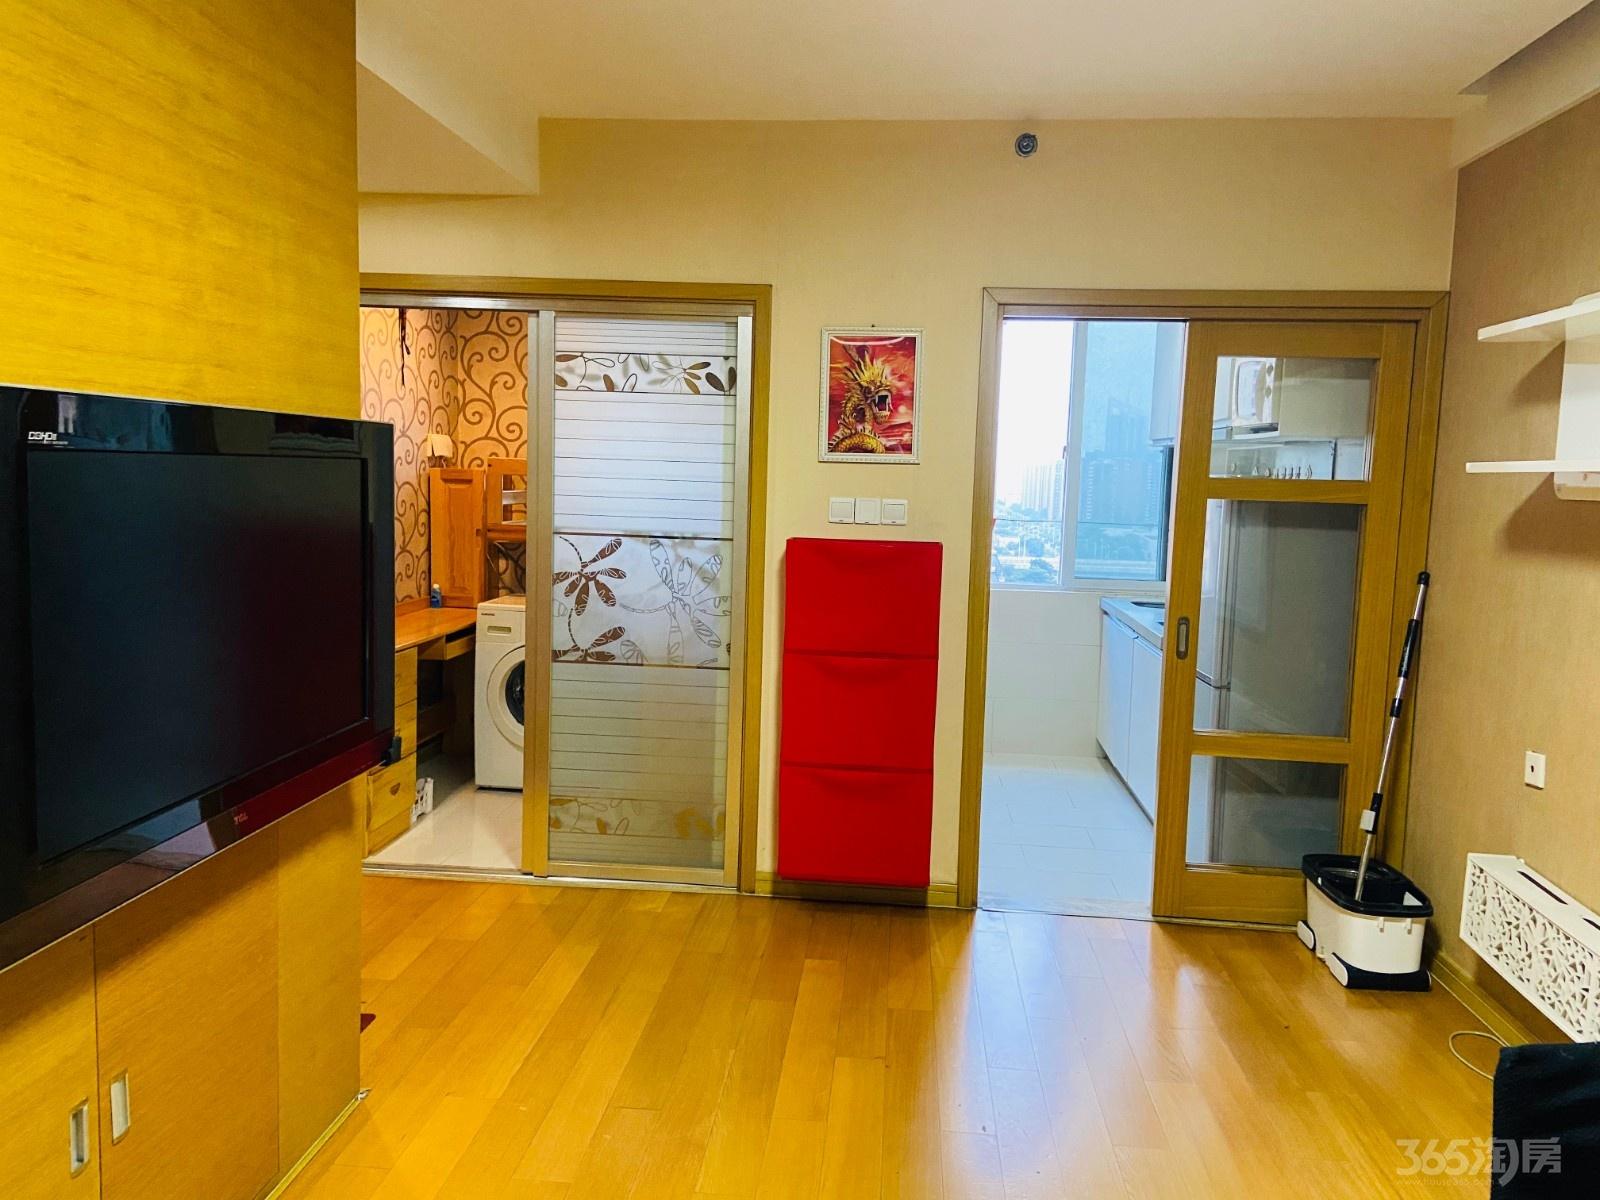 金地名京2室1厅1卫67.26平米整租精装